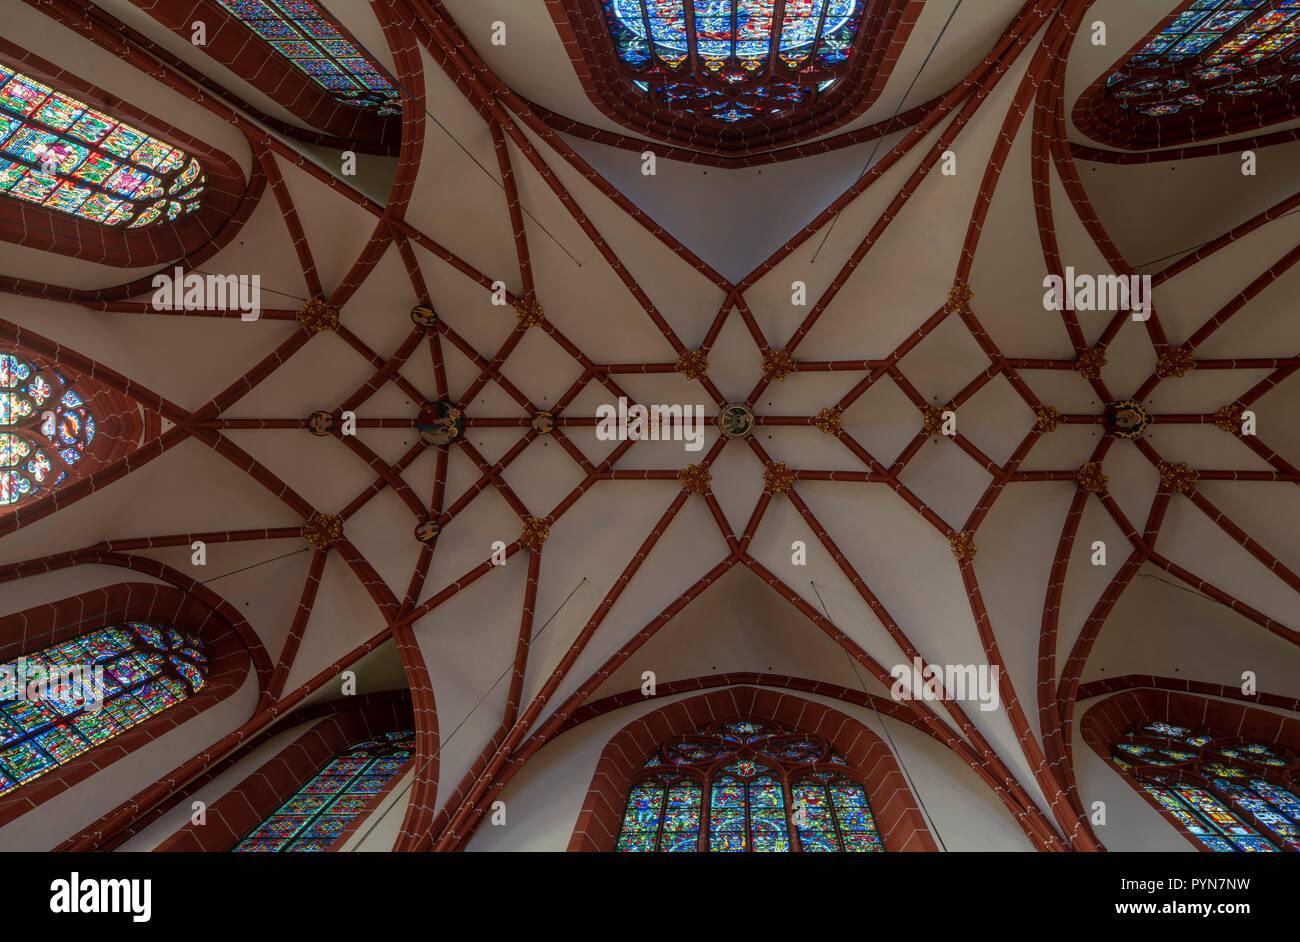 Oppenheim, Katharinenkirche, Gewölbe des spätgotischen Westchors - Stock Image